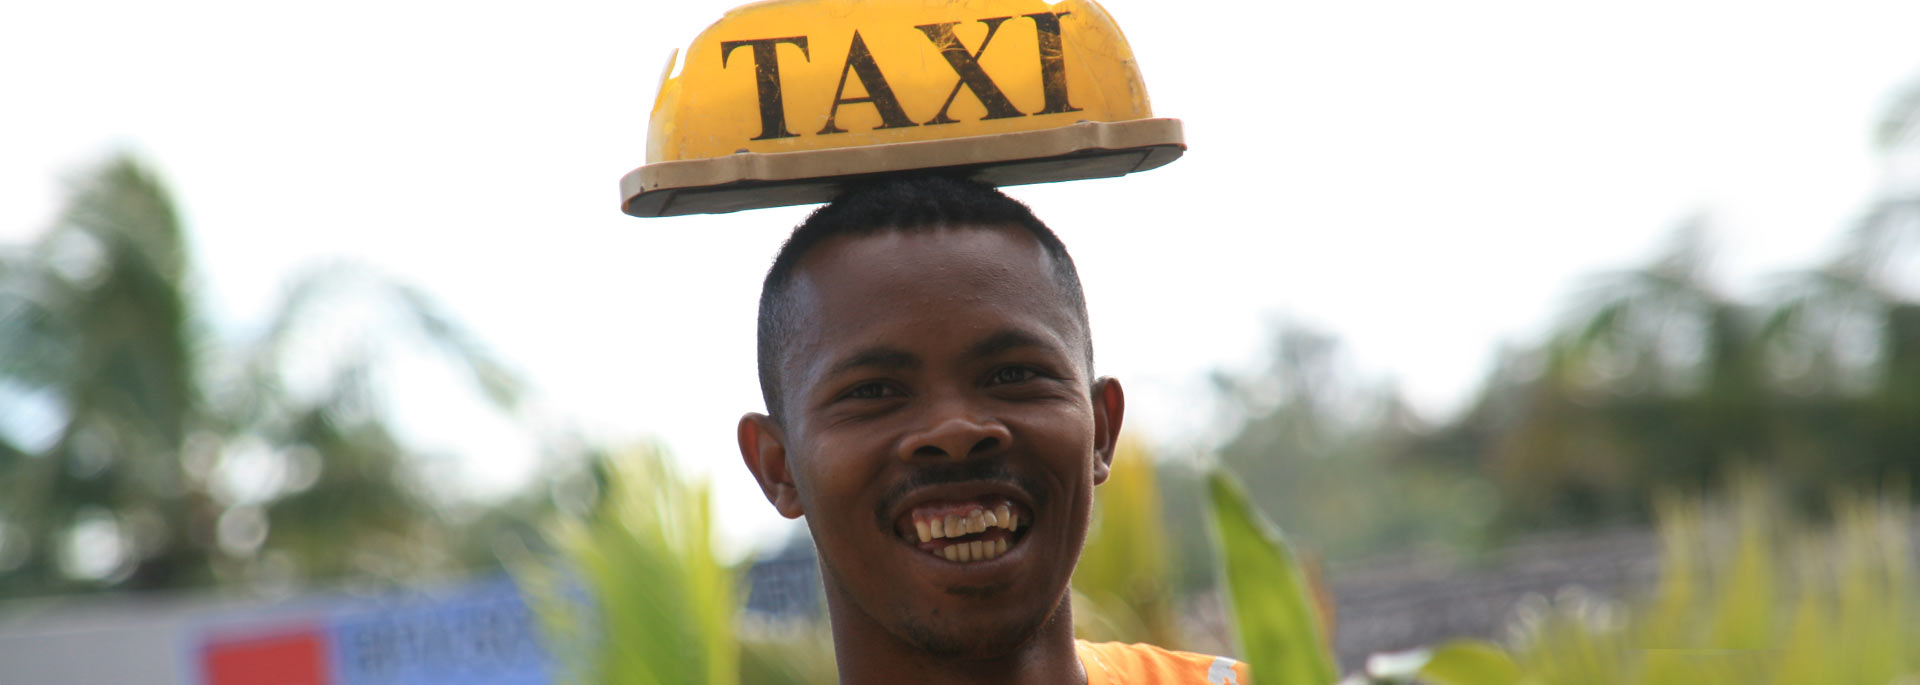 Reisetipp: Es gibt Verrückte – und es gibt Taxifahrer